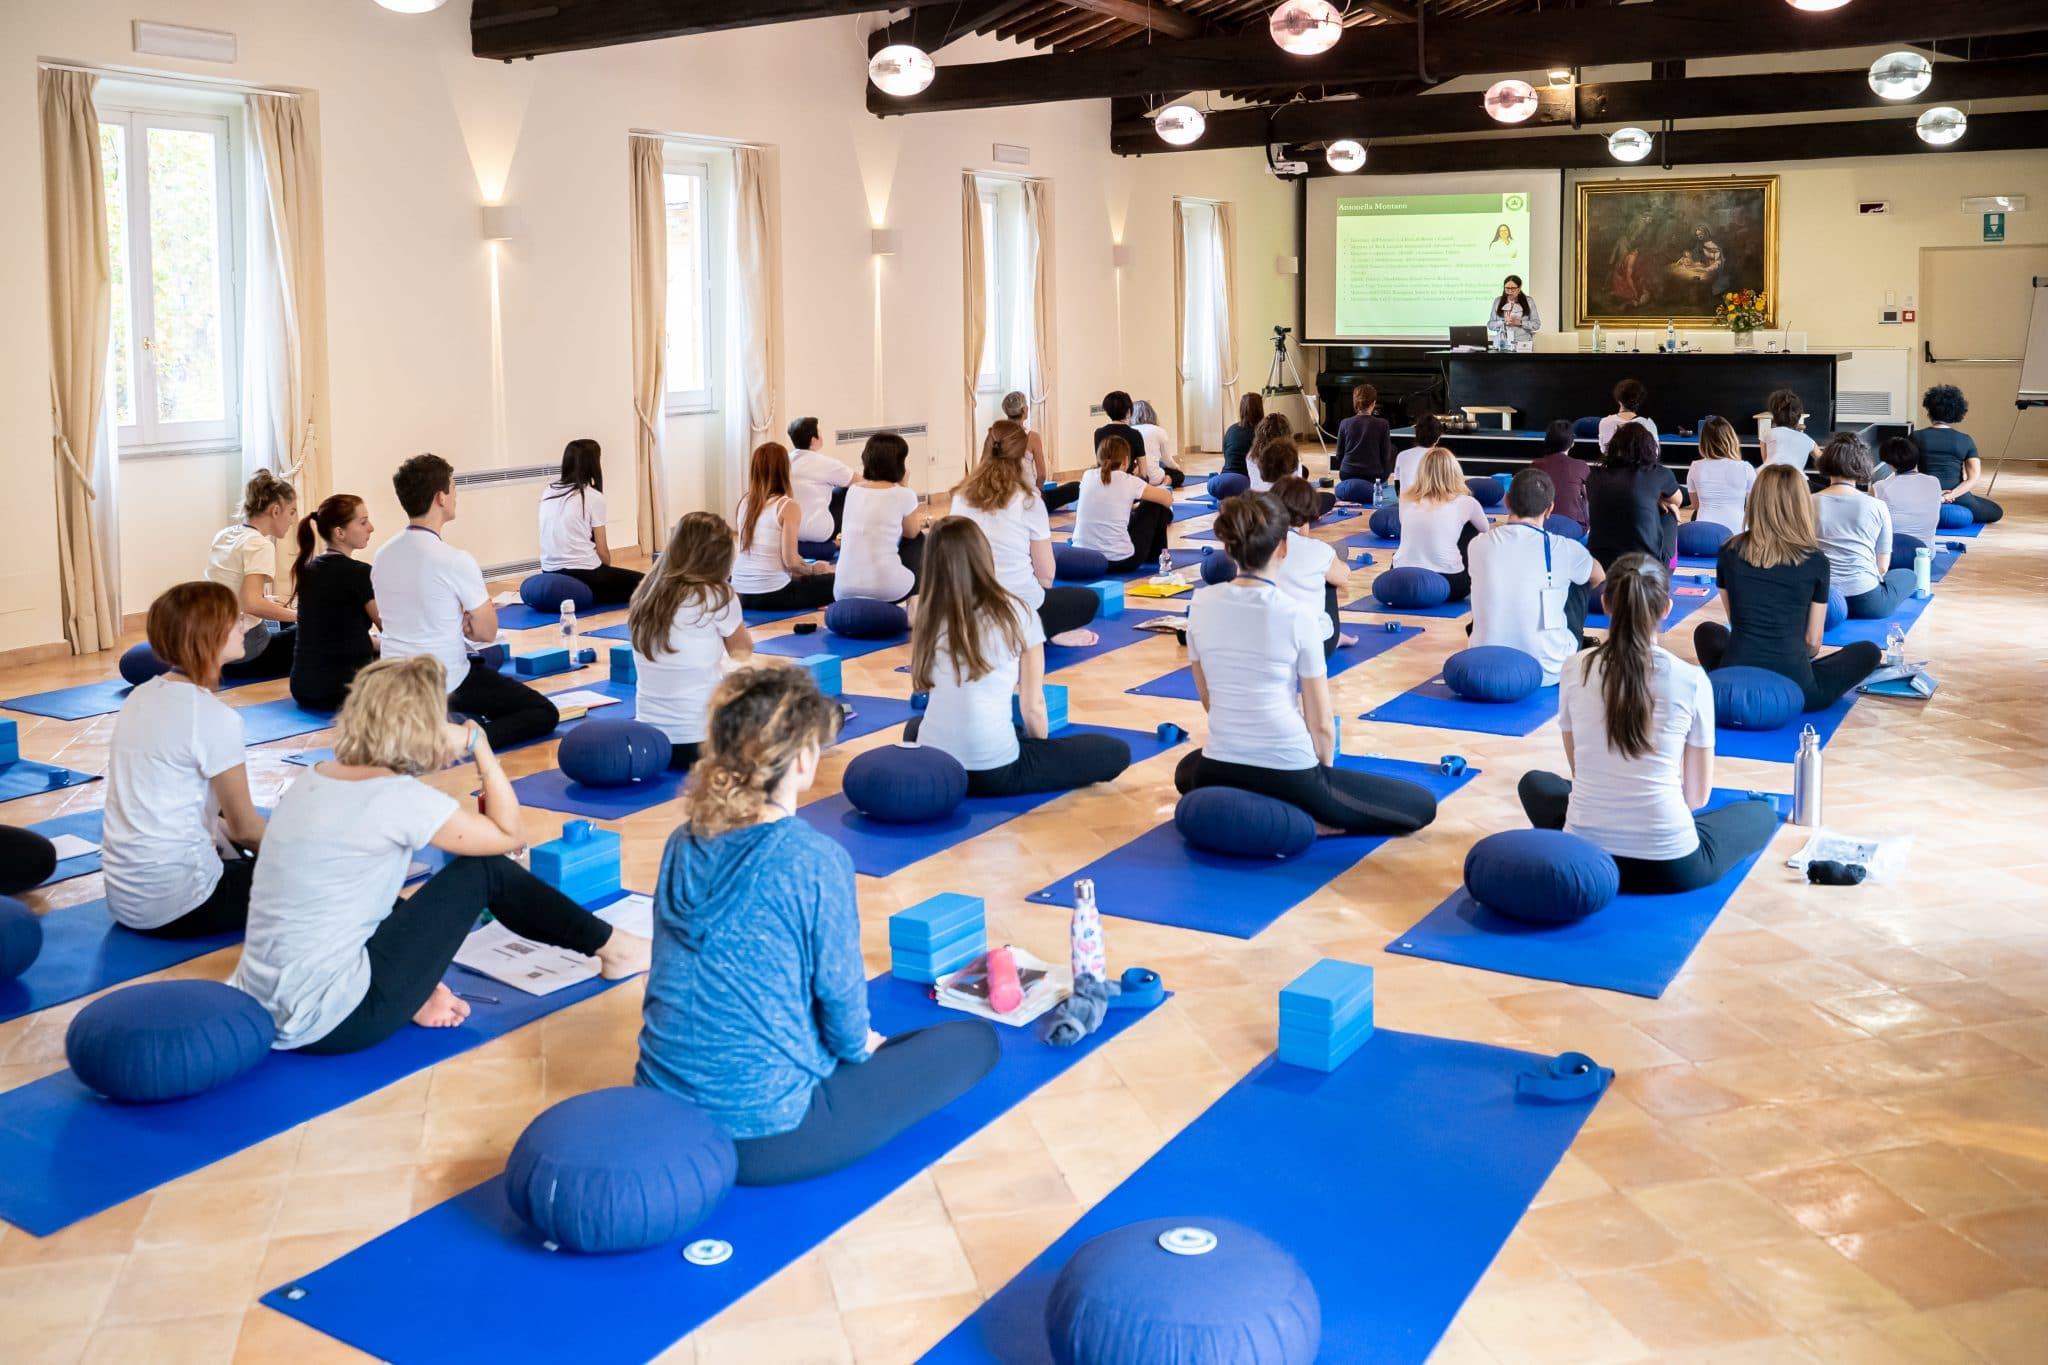 Corso Per Diventare Istruttore Yoga